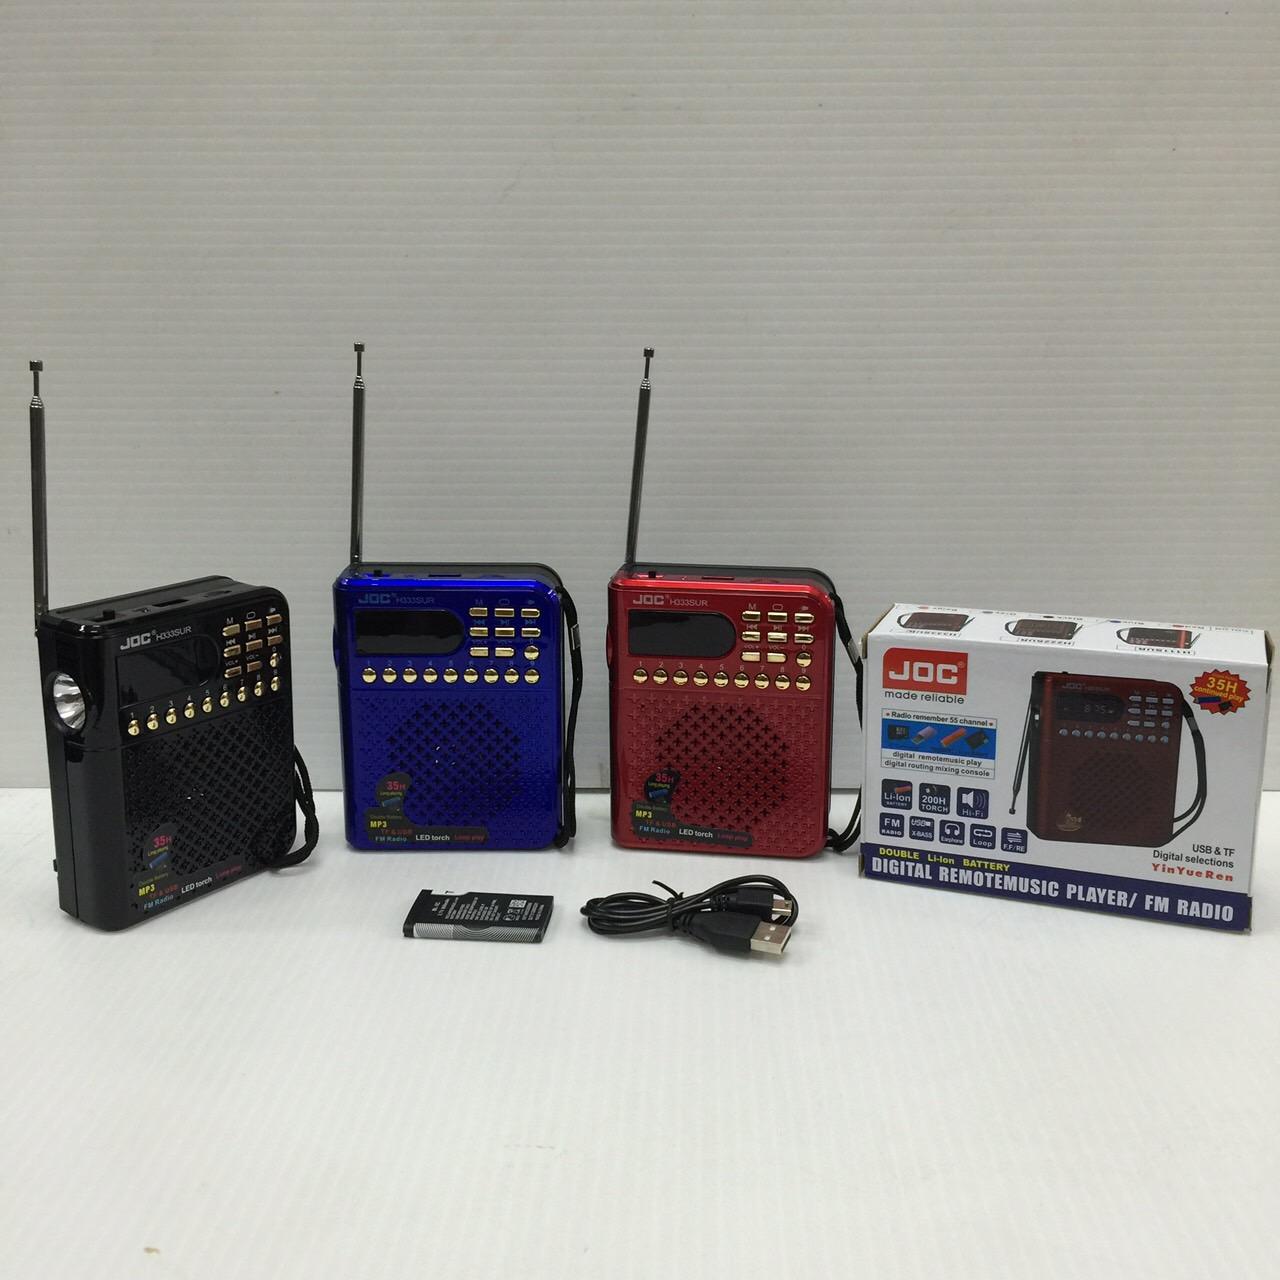 วิทยุ fm JOC รุ่น H333